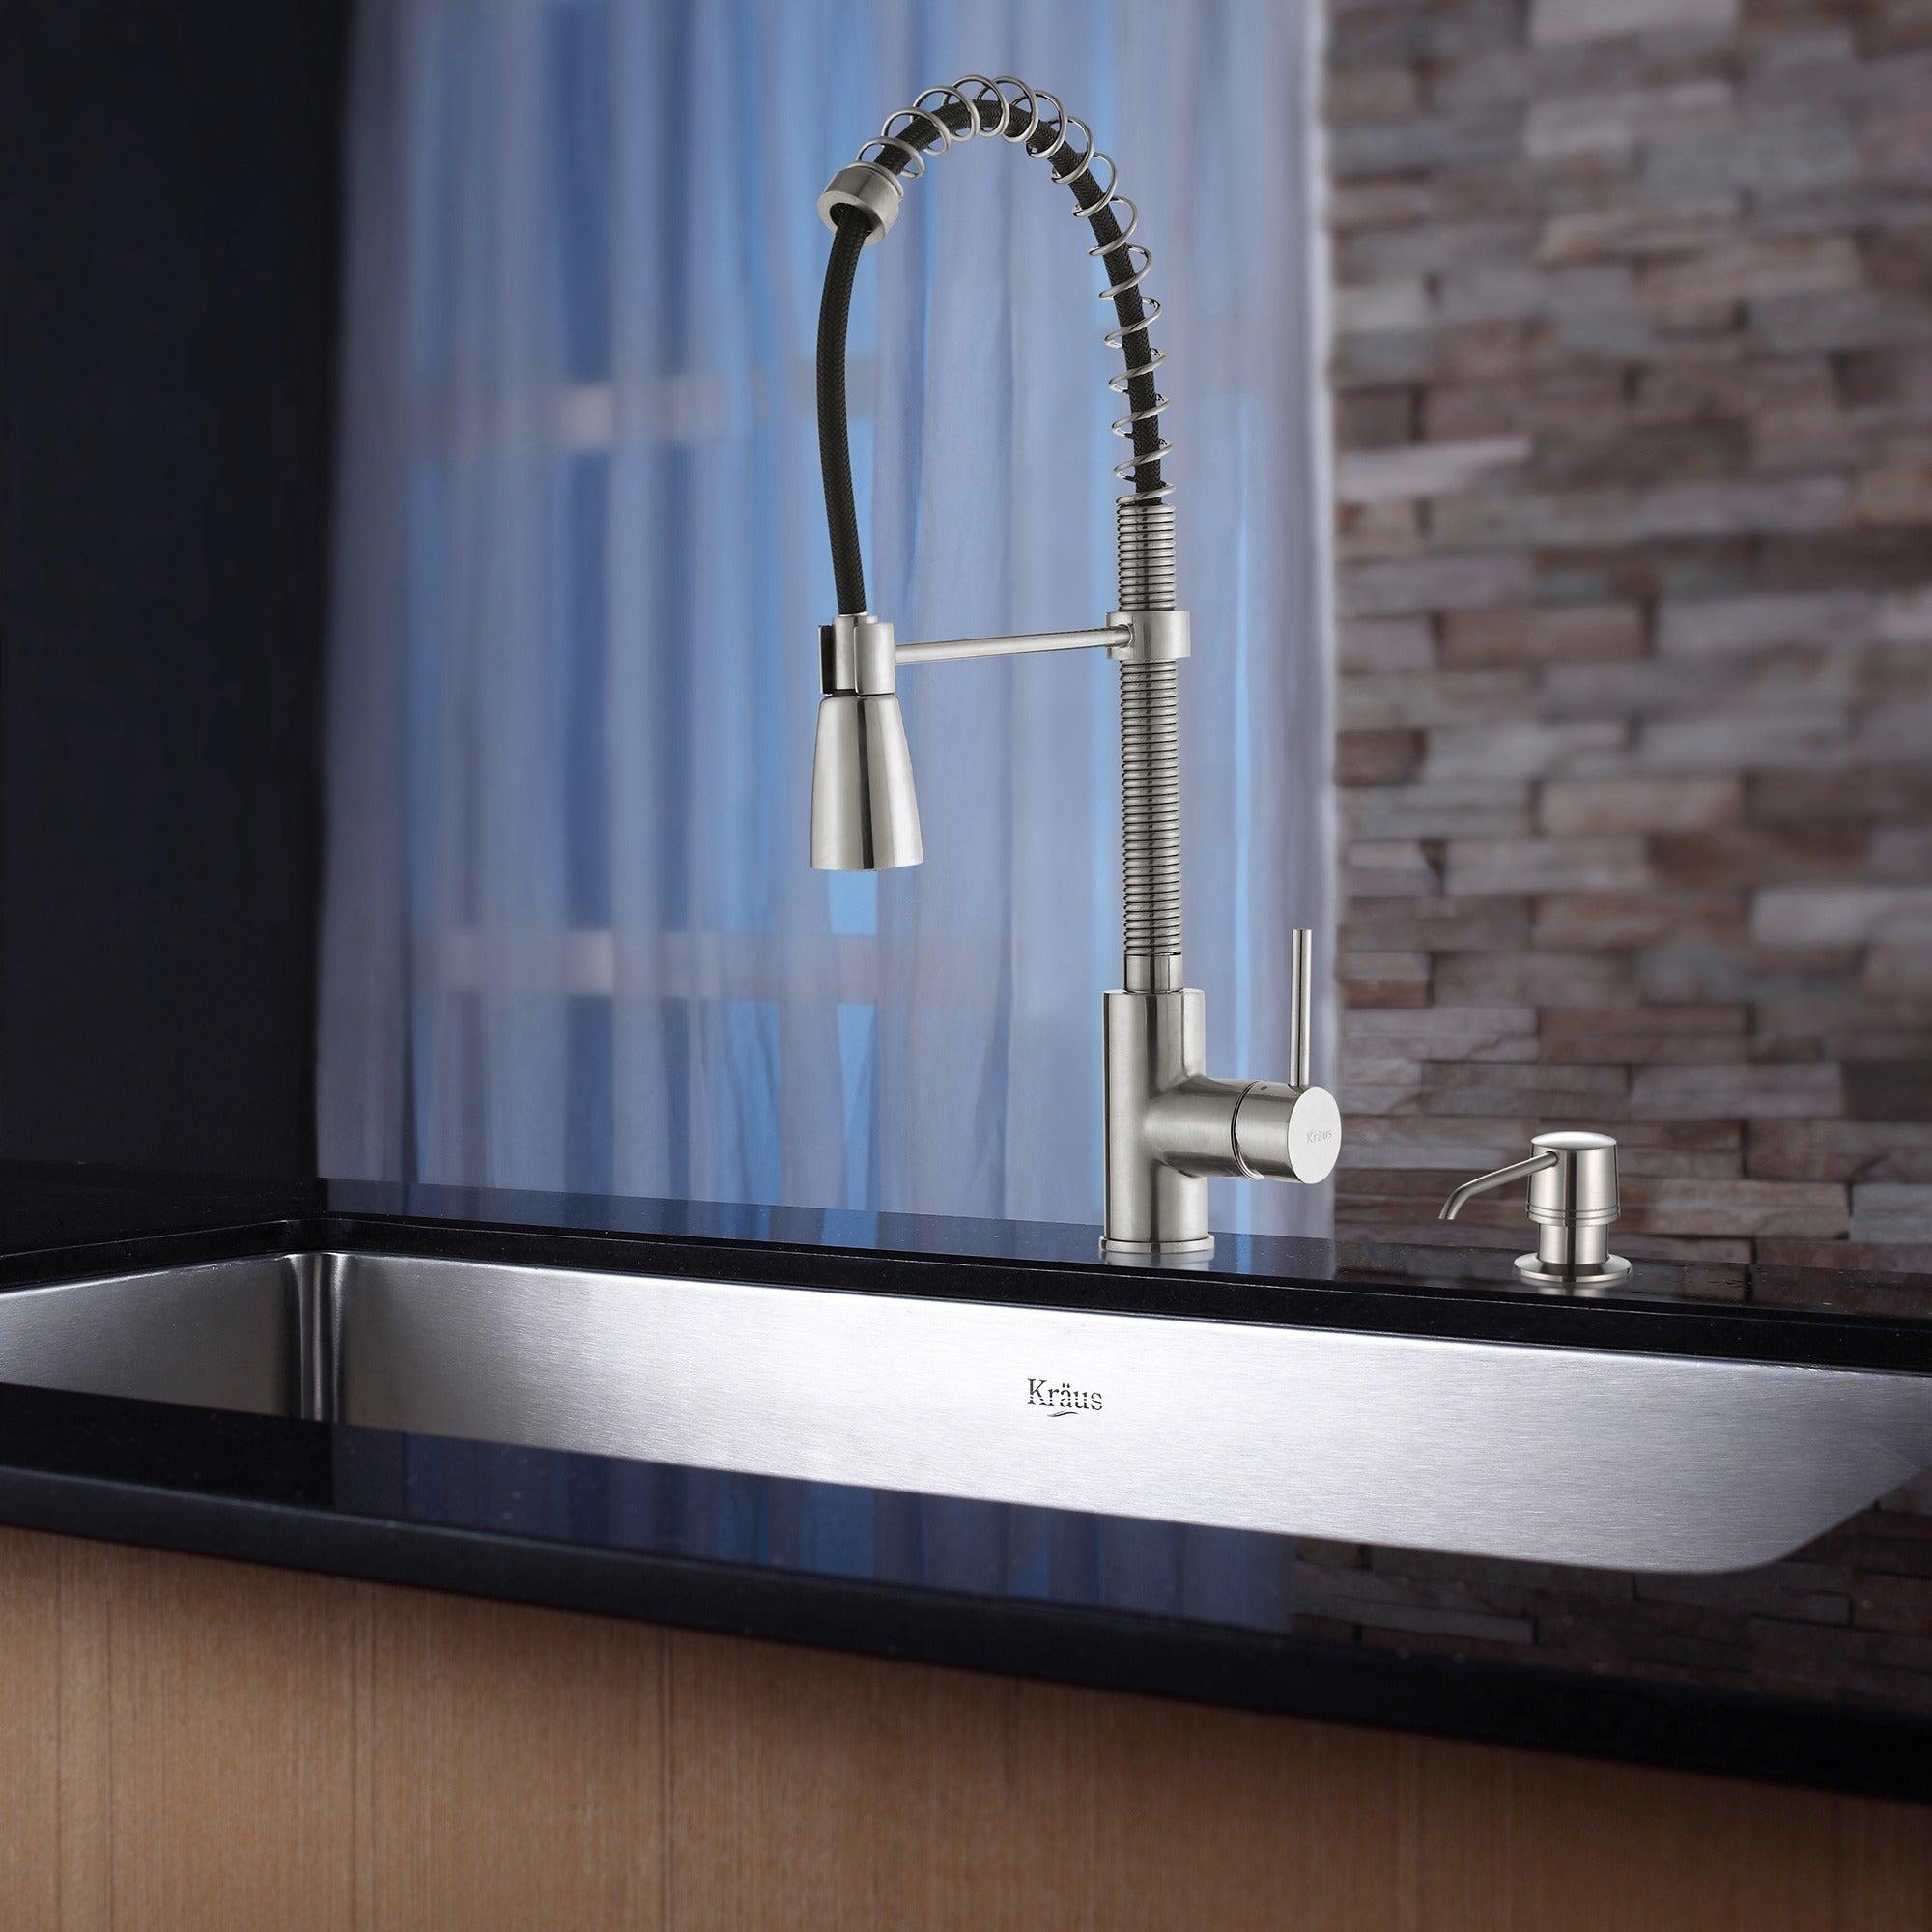 Shop KRAUS 30 Inch Undermount Single Bowl Stainless Steel Kitchen ...